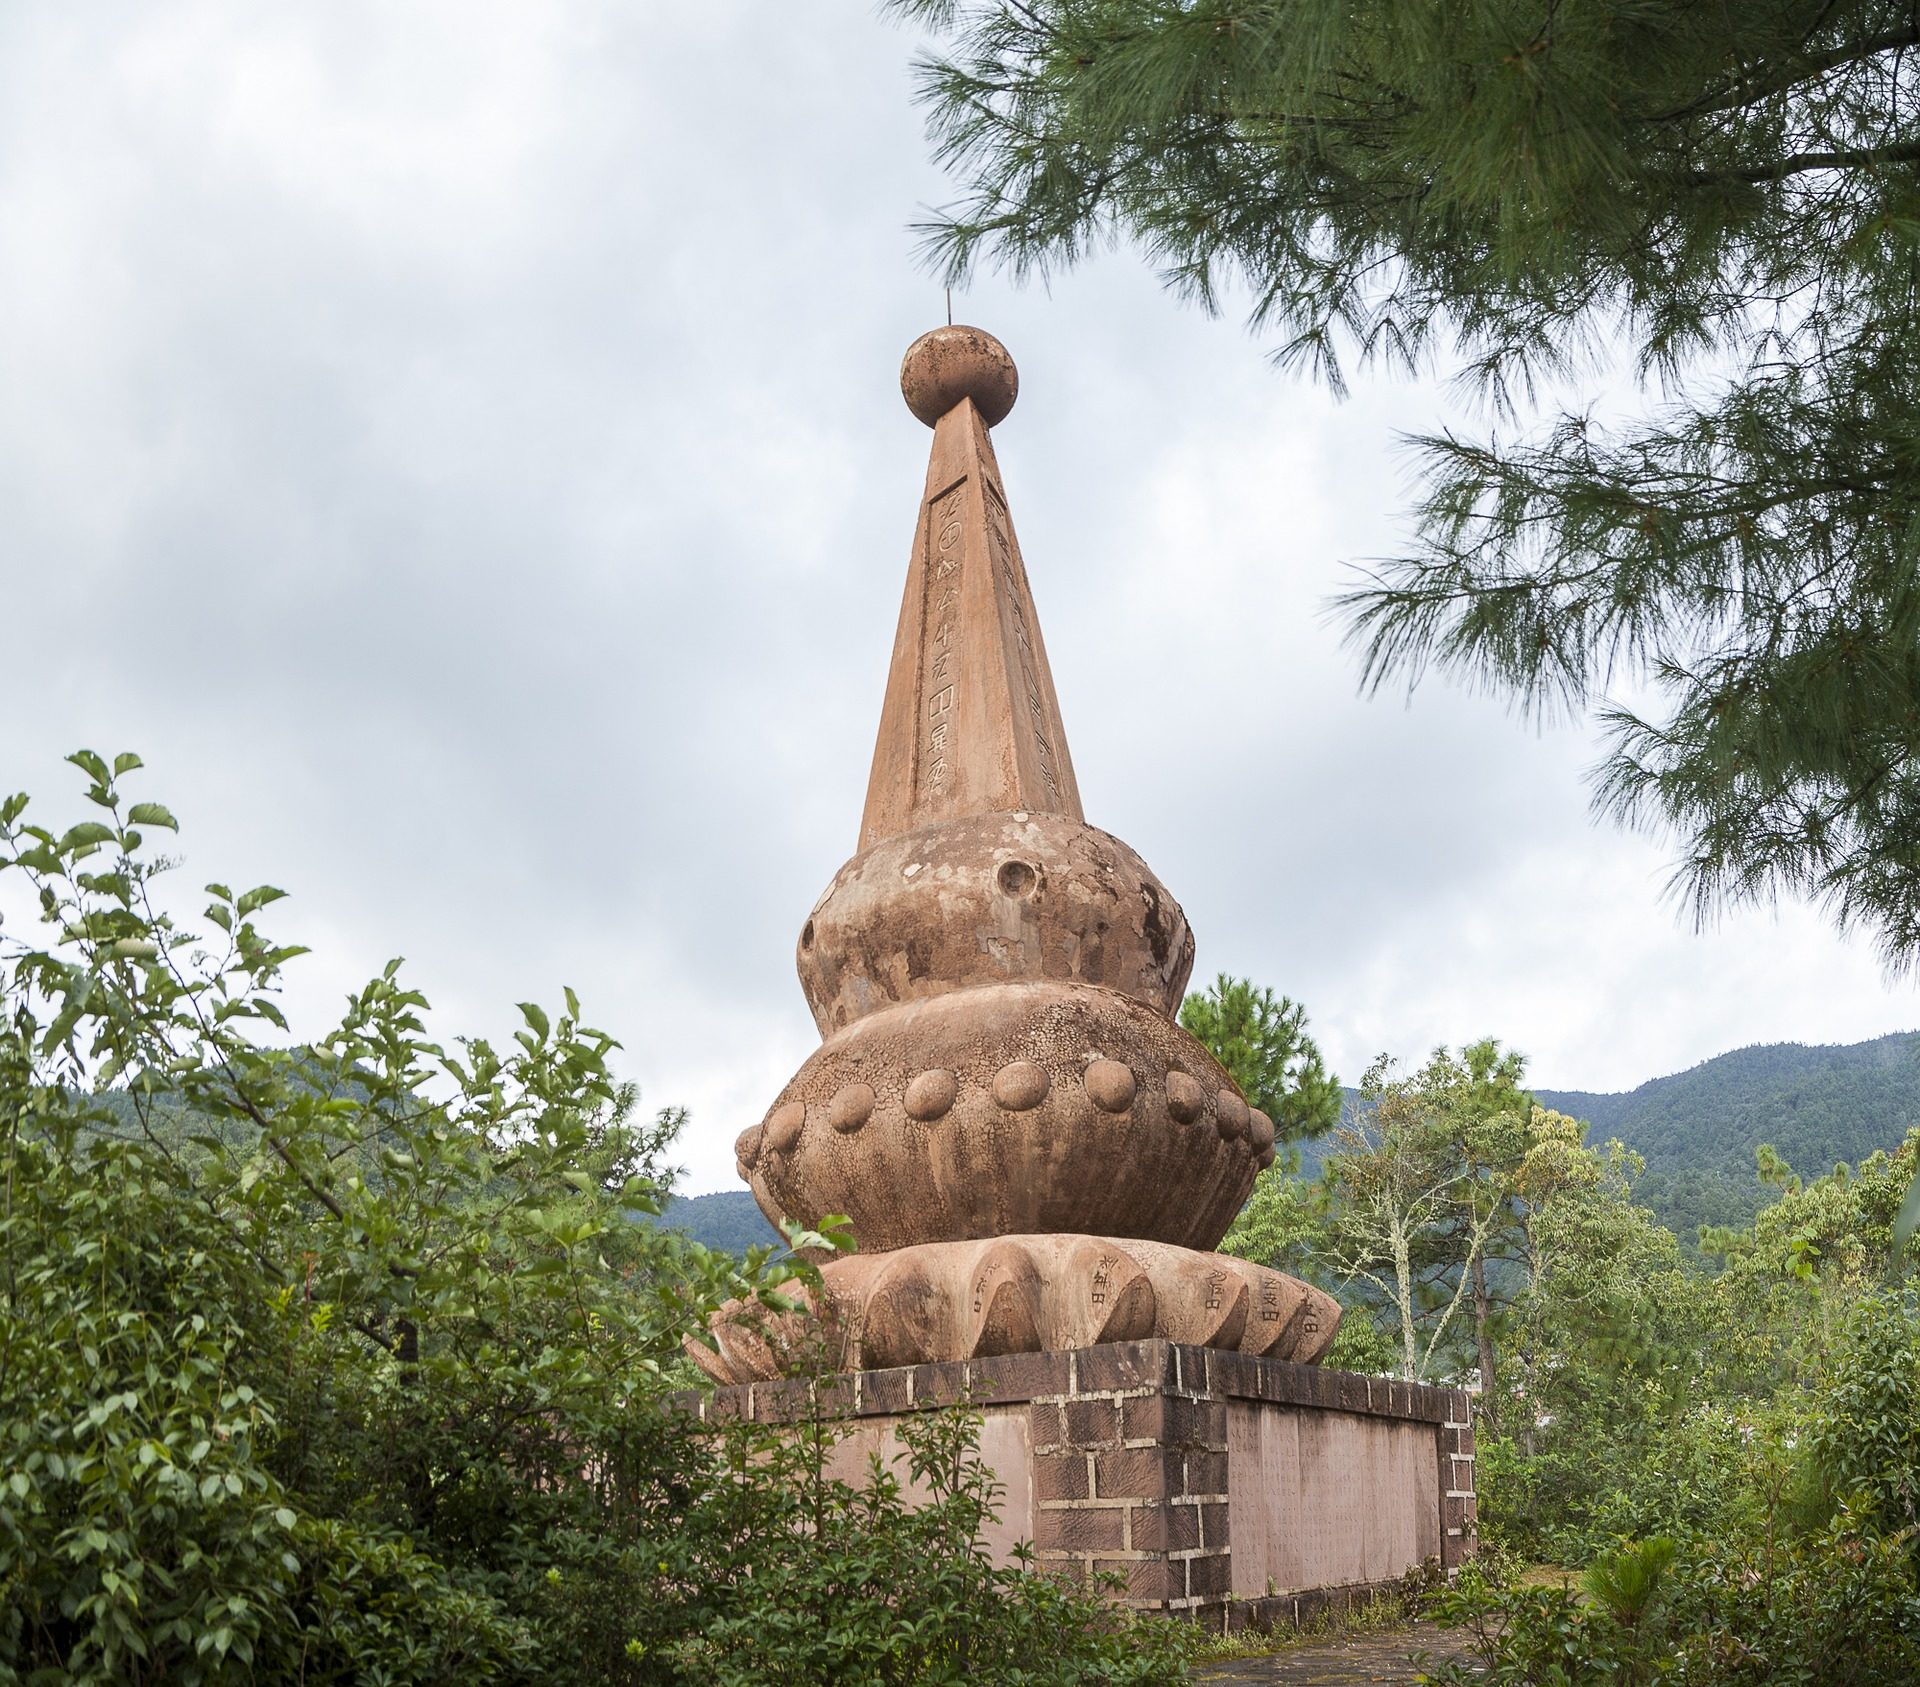 Μνημείο, γλυπτική, Πέτρα, δάσος, δέντρα, Montañas, dayao, Κίνα - Wallpapers HD - Professor-falken.com